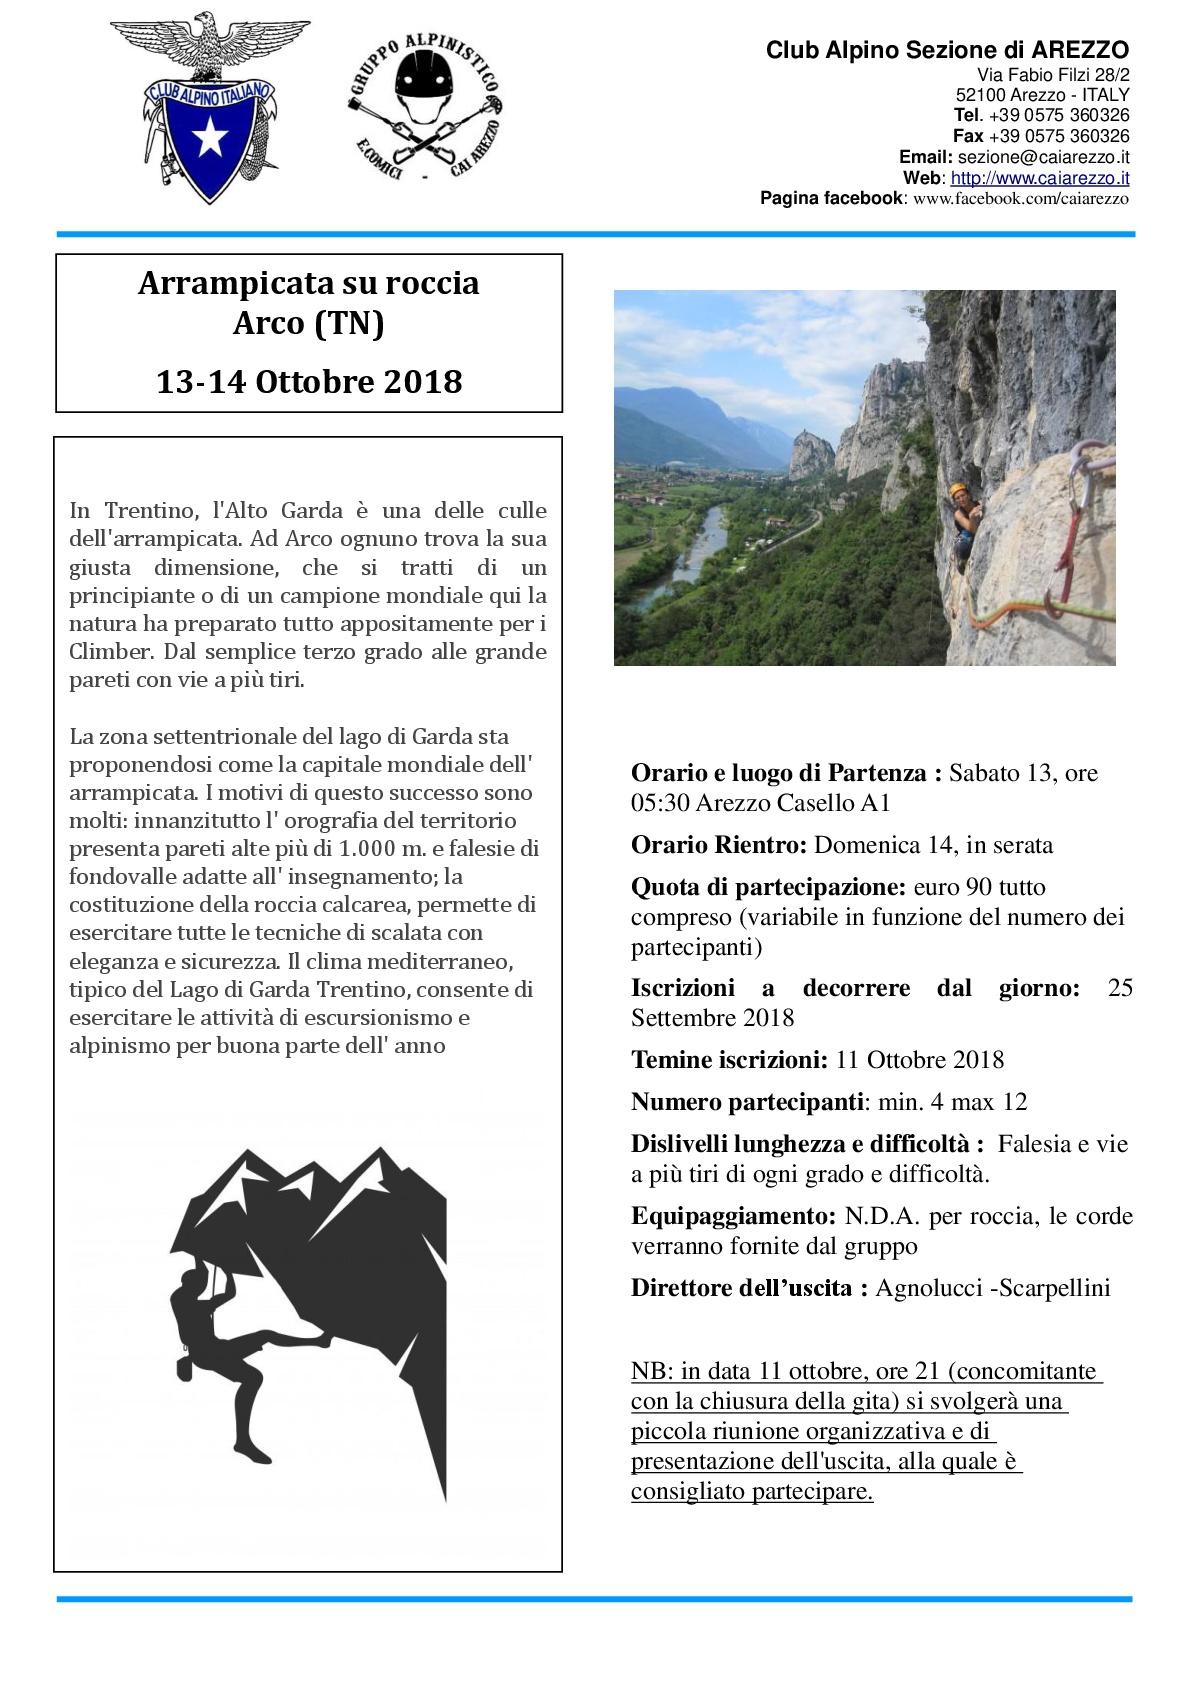 13-14 OTTOBRE 2018: ARRAMPICATA SU ROCCIA - ARCO DI TRENTO